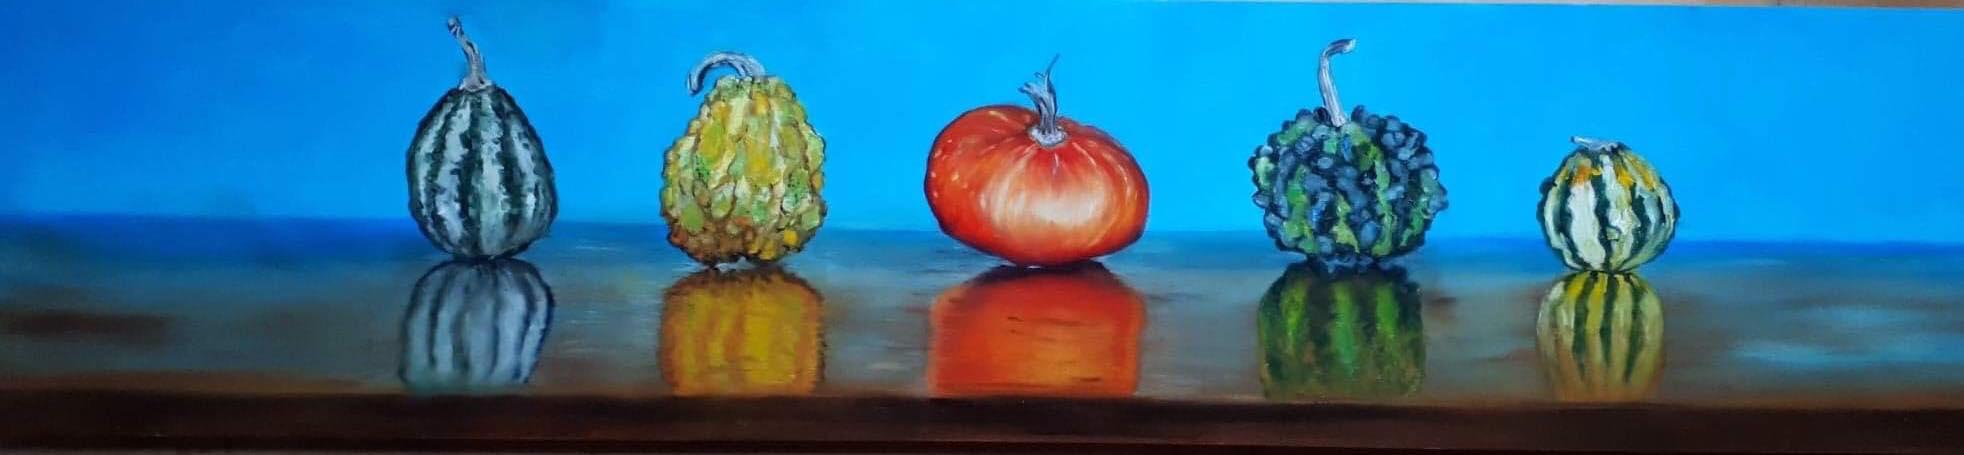 Pumpkins 90 x 21 cm oil on panel